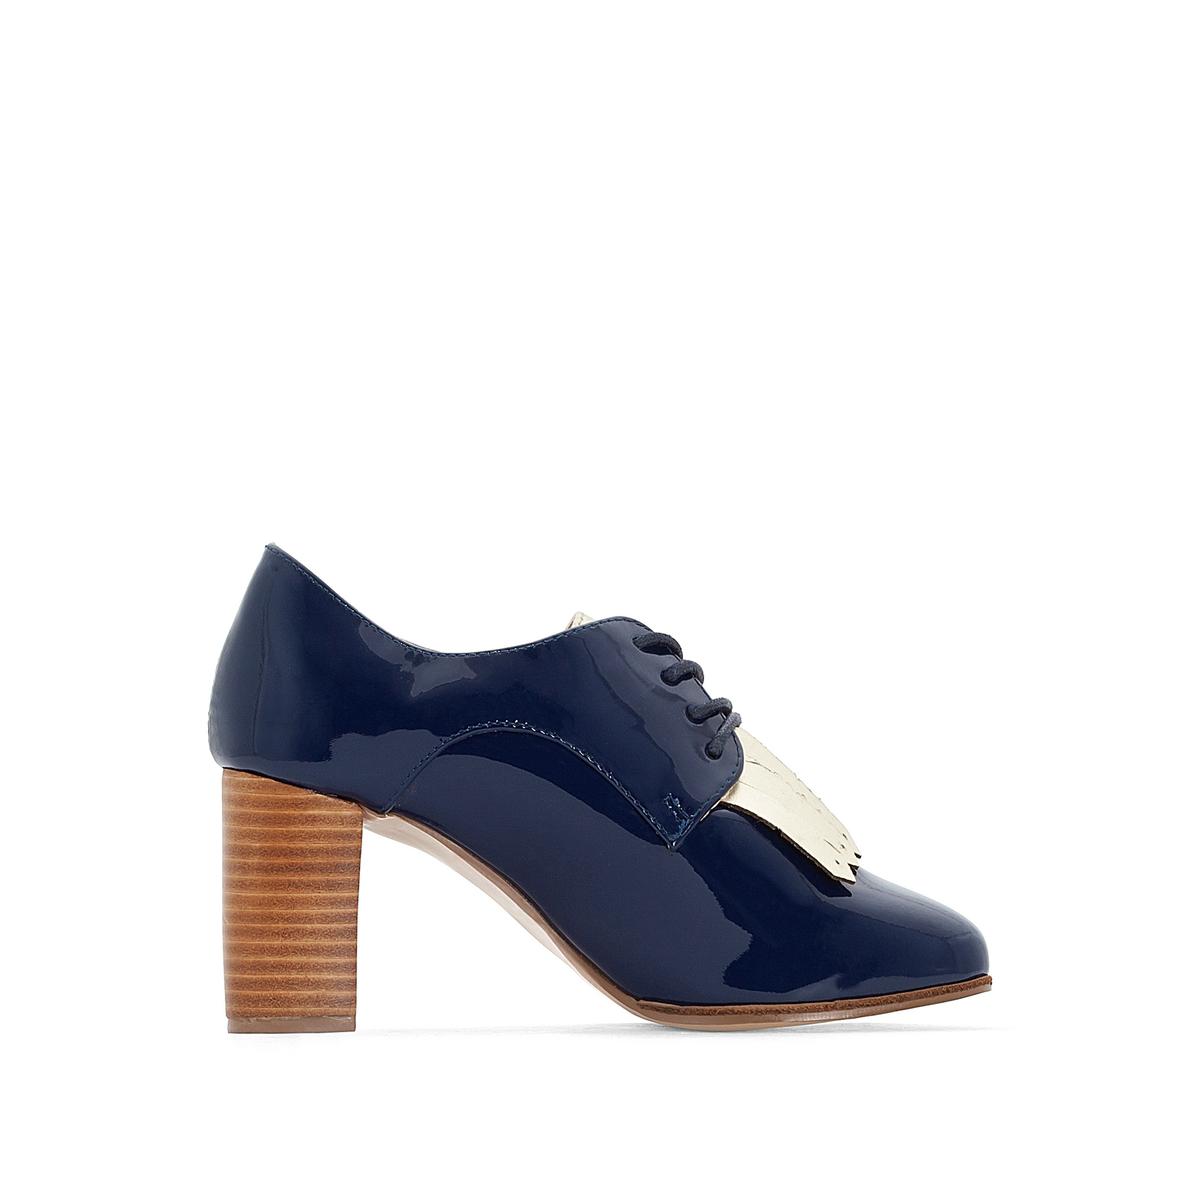 Ботинки-дерби кожаные лакированные на высоком каблукеОписание:Детали   •  Мокасины •  Высота каблука : 7 см •  Застежка : без застёжки •  Круглый мысок •  Гладкая отделкаСостав и уход   •  100% кожа •  Подкладка : 100% синтетический материал •  Стелька : 100% эластомер •  Подошва : 100% кожа<br><br>Цвет: темно-синий